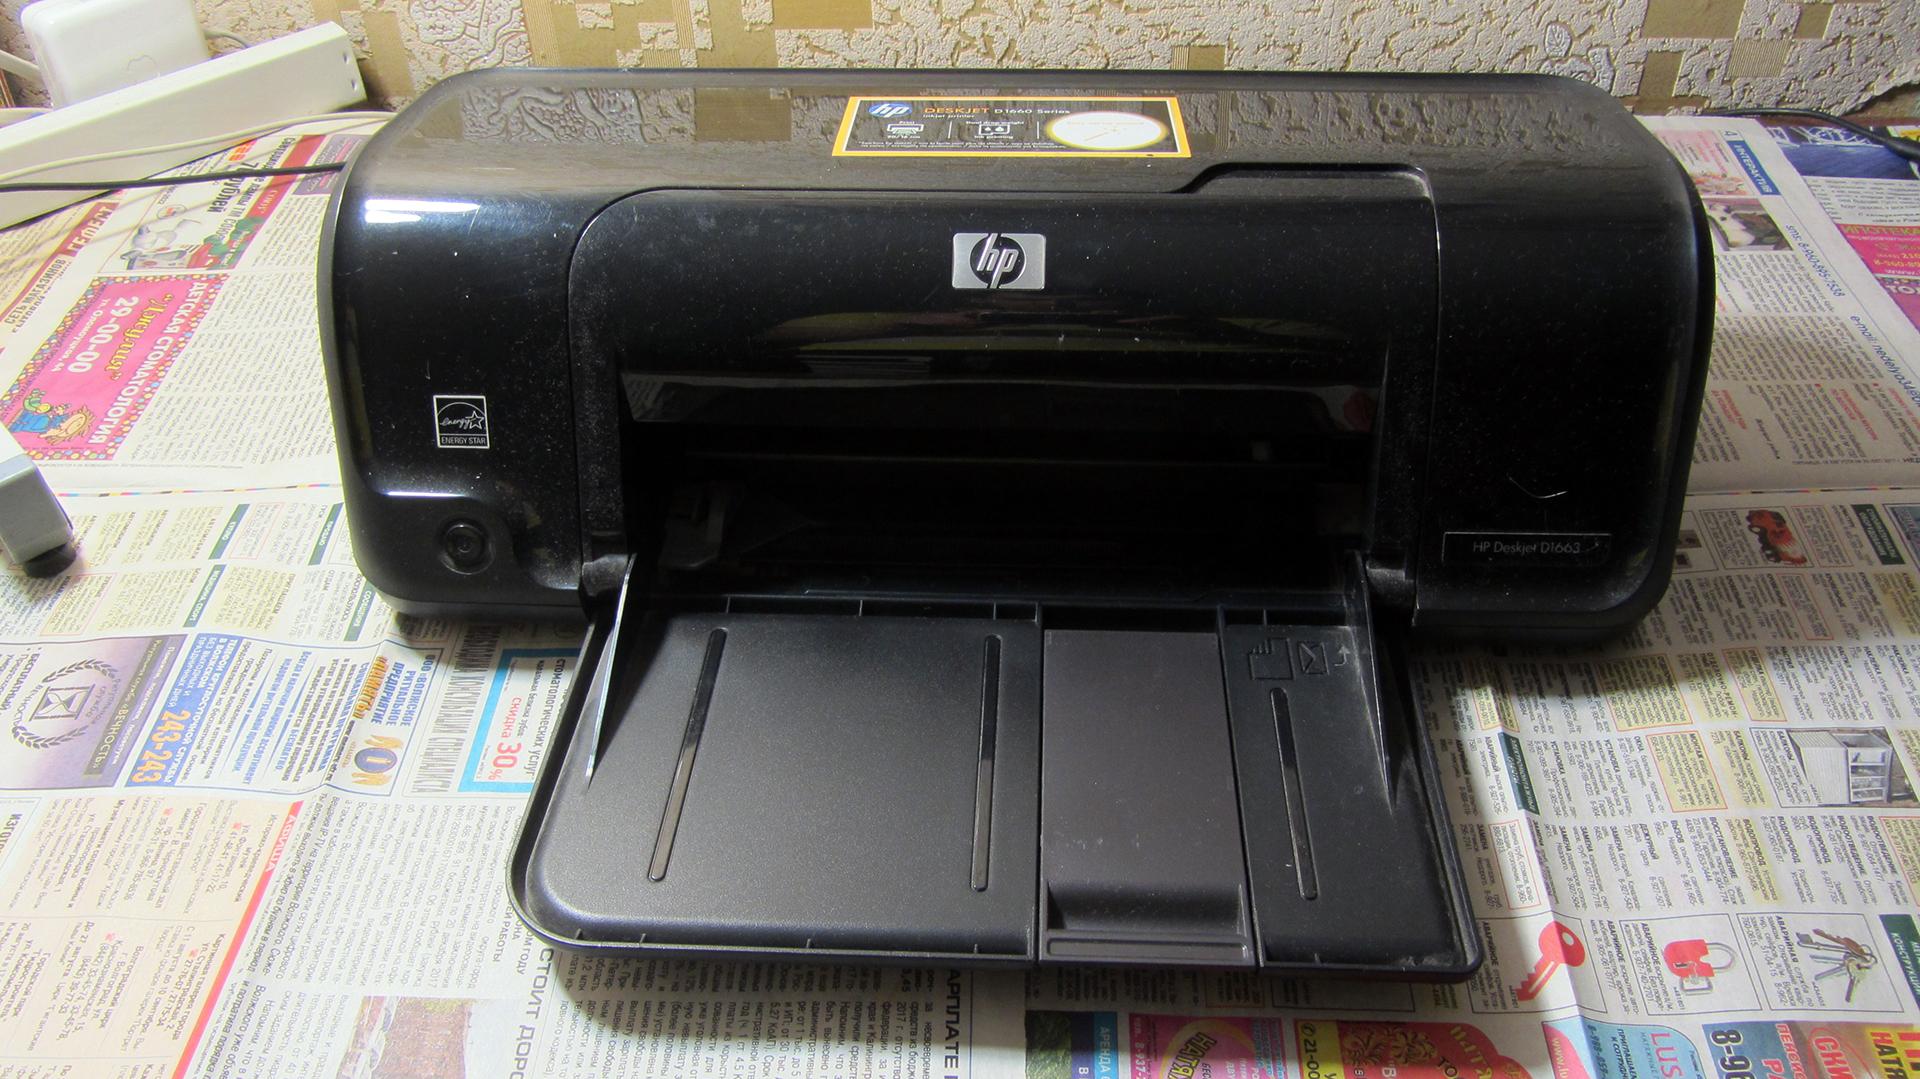 Deskjet 9650, PSC 2410 и PSC 2510 новые принтеры HP 90